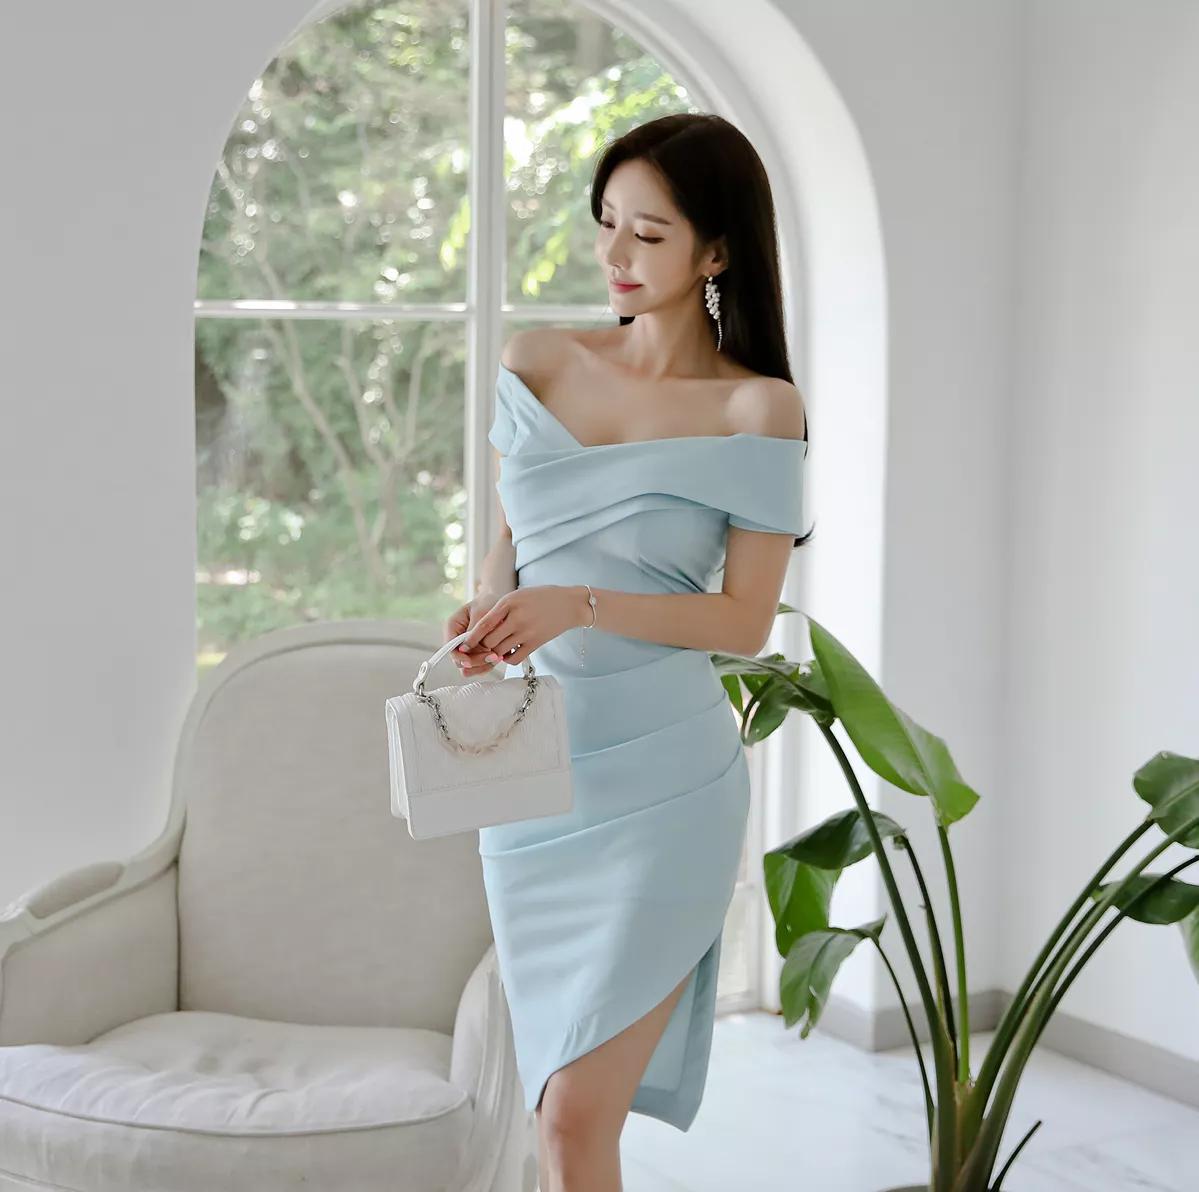 韩国美女露肩装美图鉴赏,美艳动人